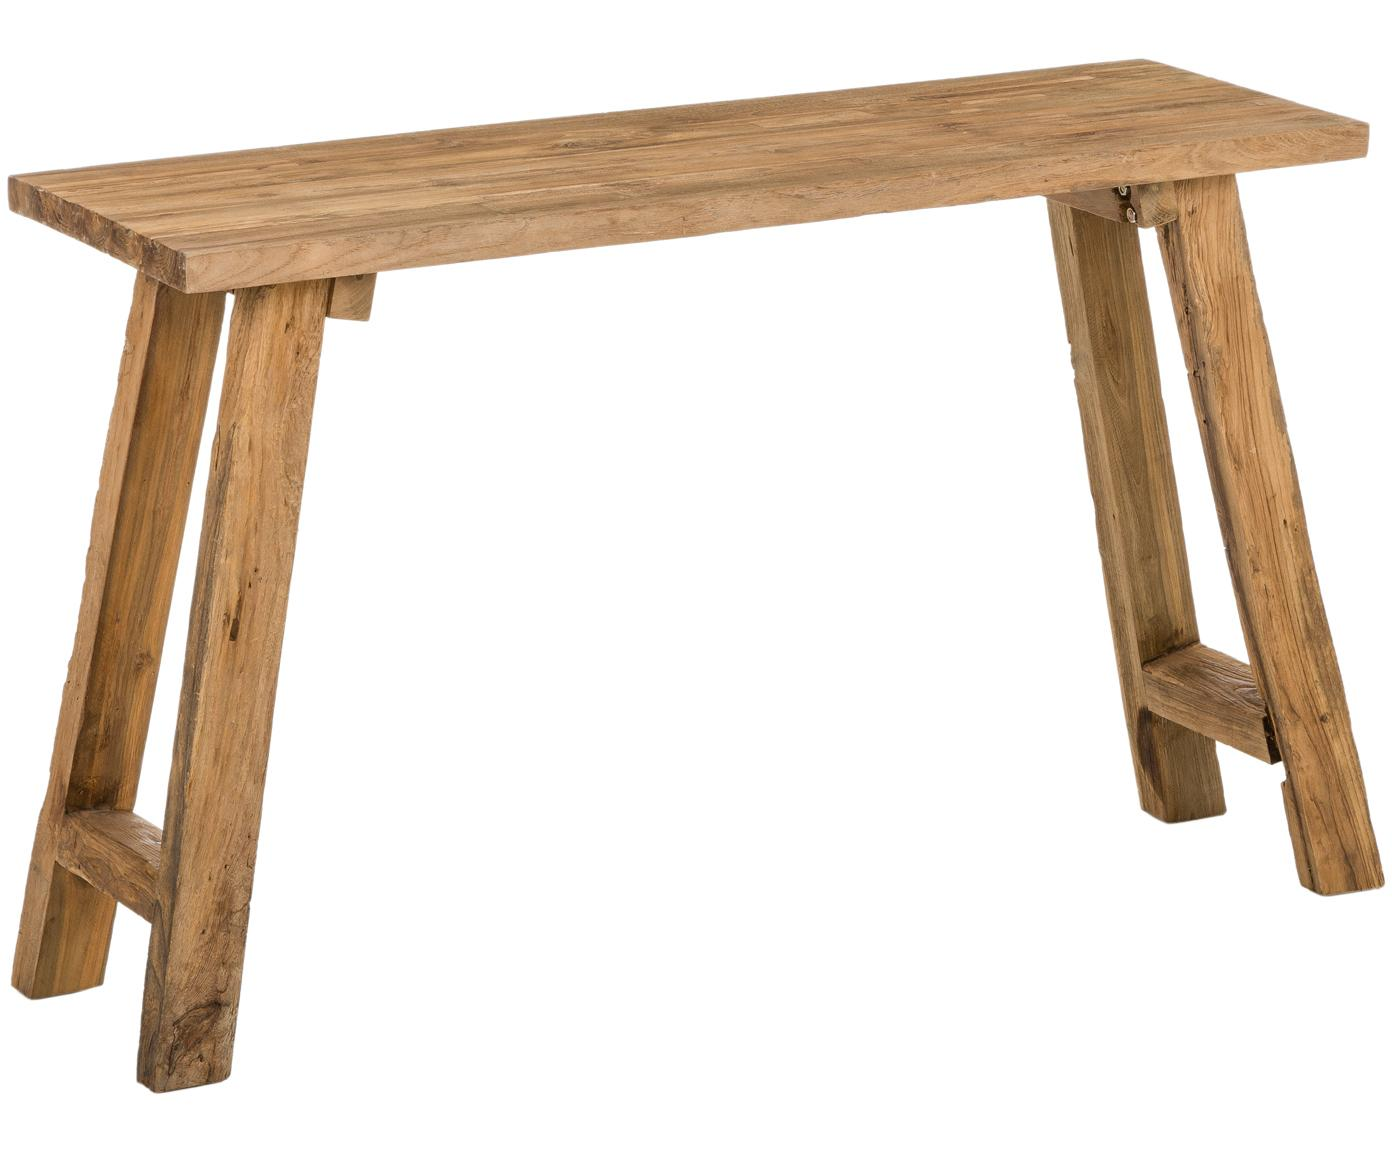 Konsola z drewna z recyklingu Lawas, Naturalne drewno tekowe, Drewno tekowe, S 120 x G 40 cm